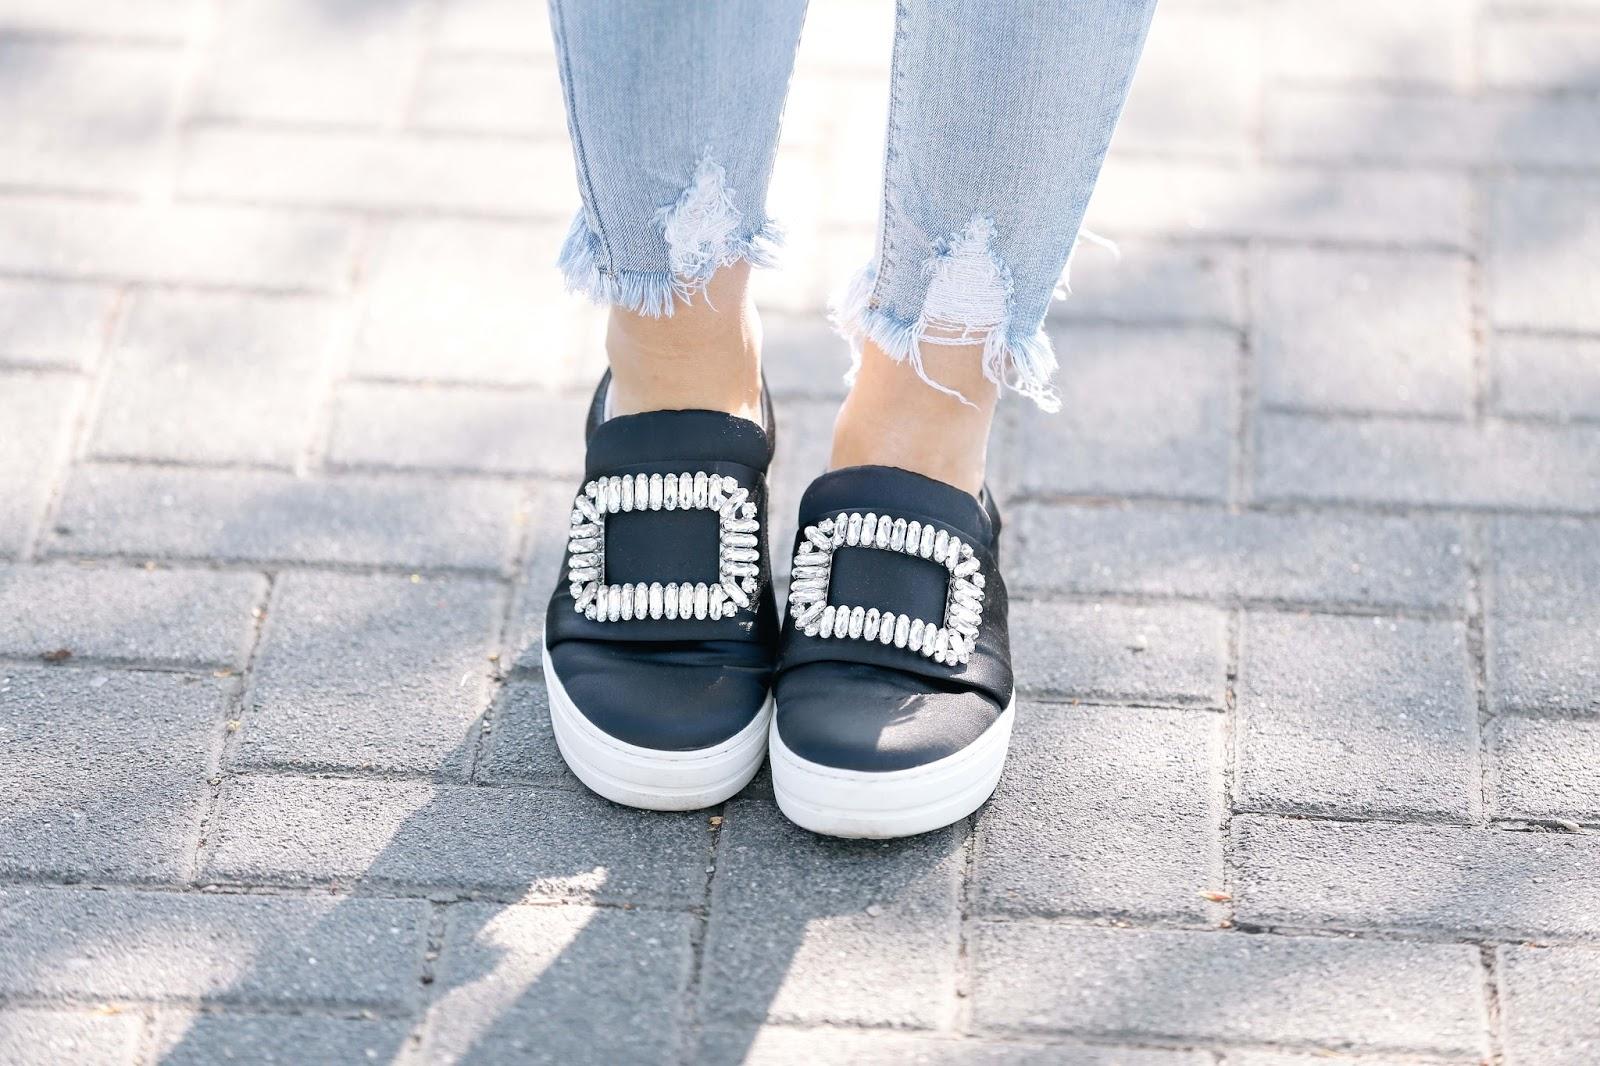 schuhe-mit-einer-brosche-schuhtrend-schwarze-sneaker-bloggertrend